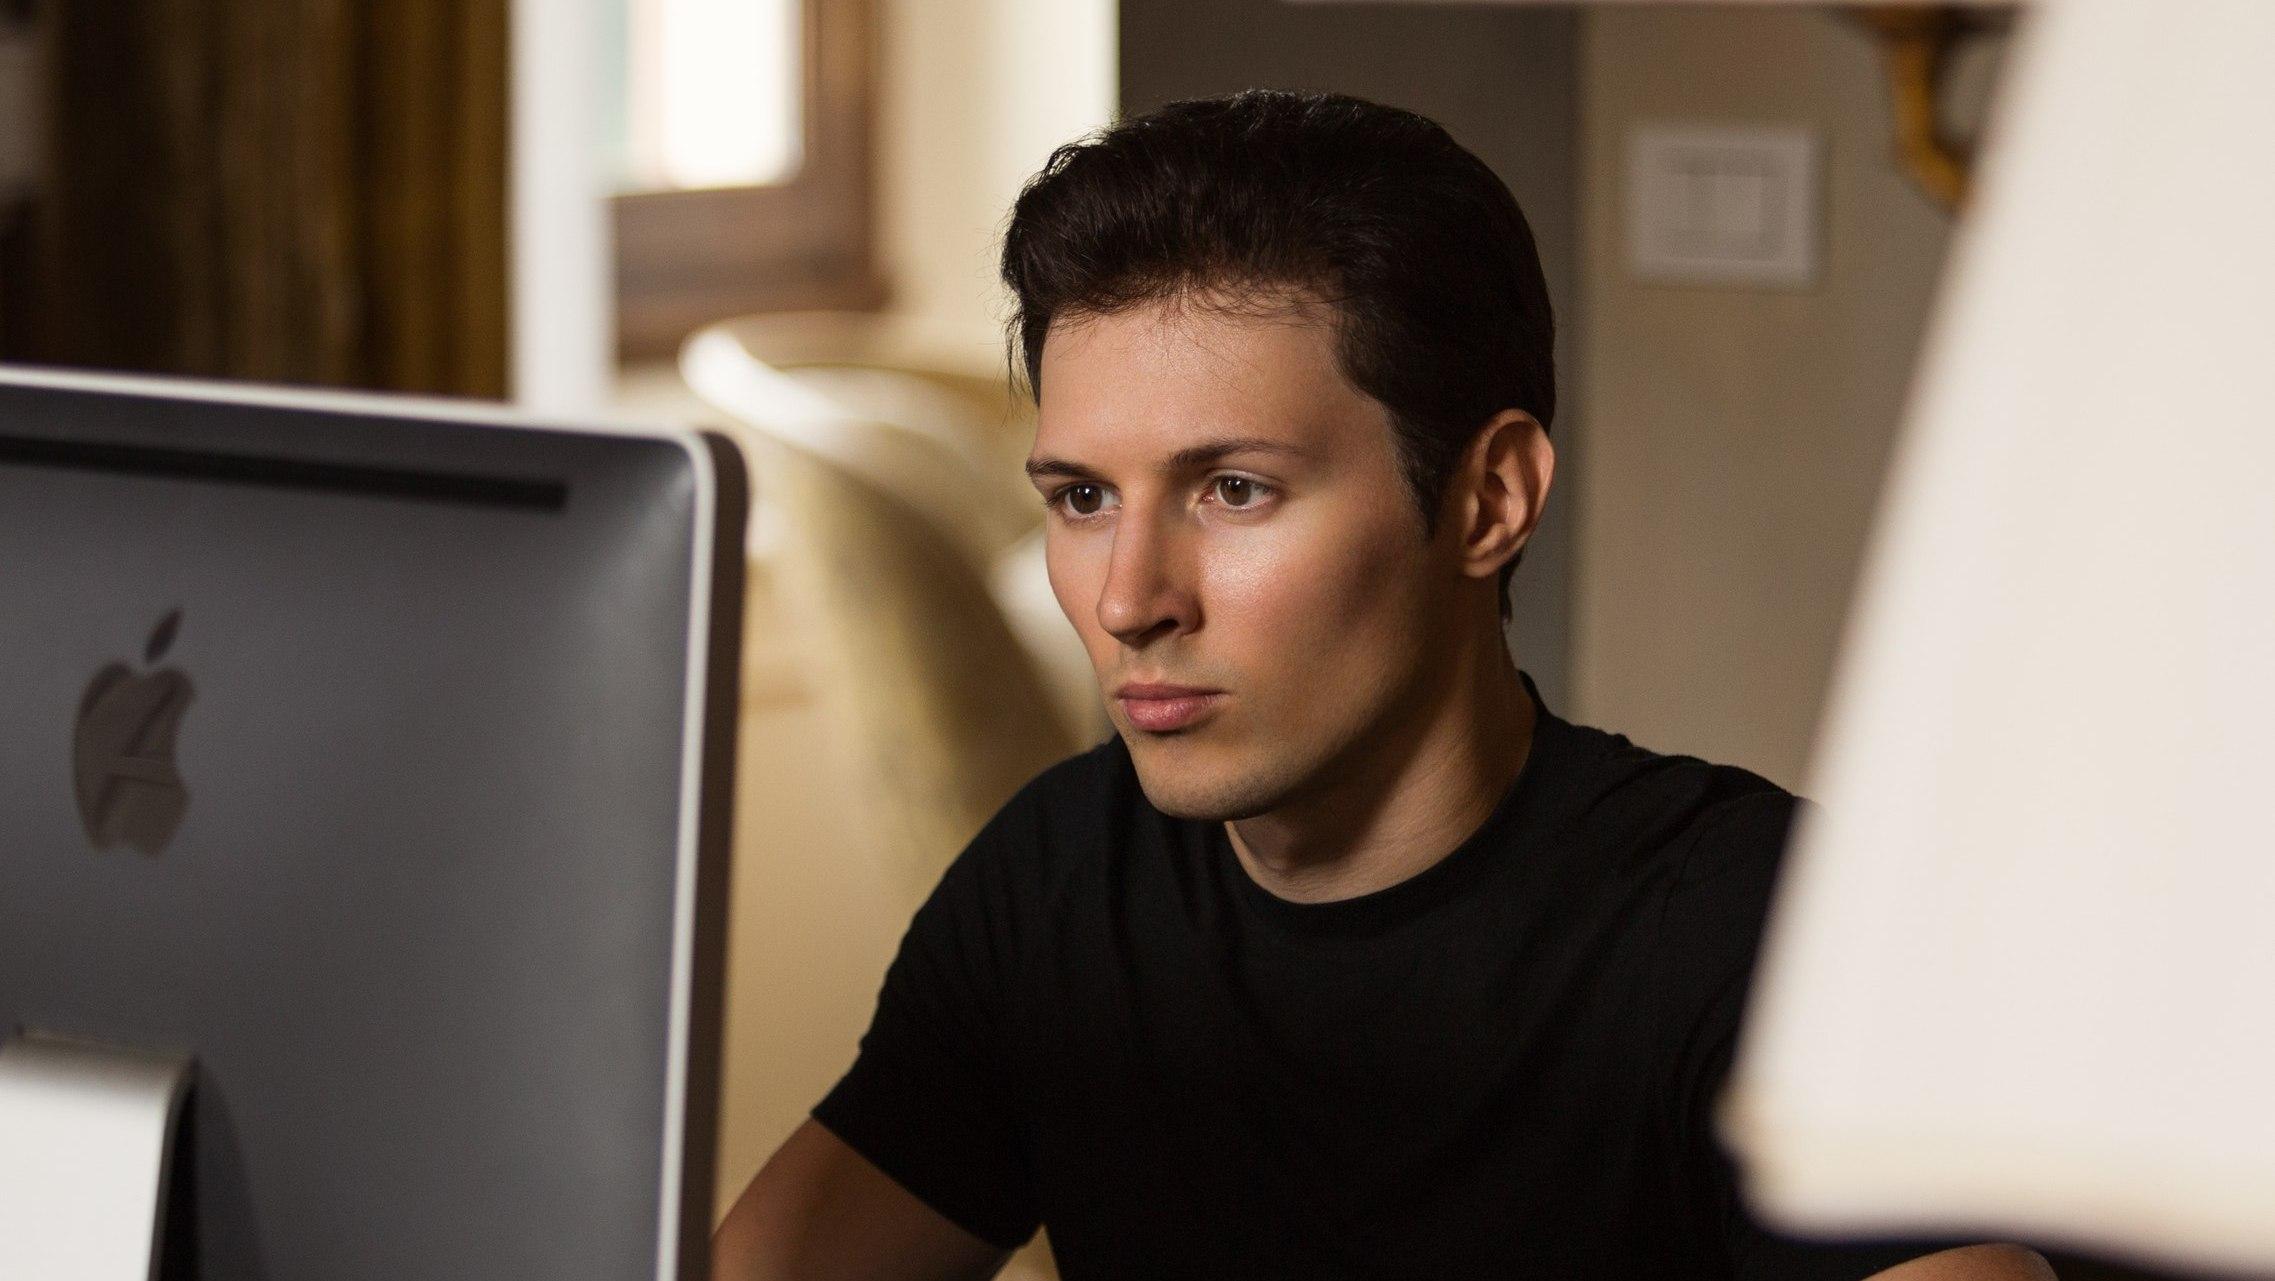 «Качество жизни 15 миллионов россиян ухудшится»: Павел Дуров прокомментировал действия Роскомнадзора